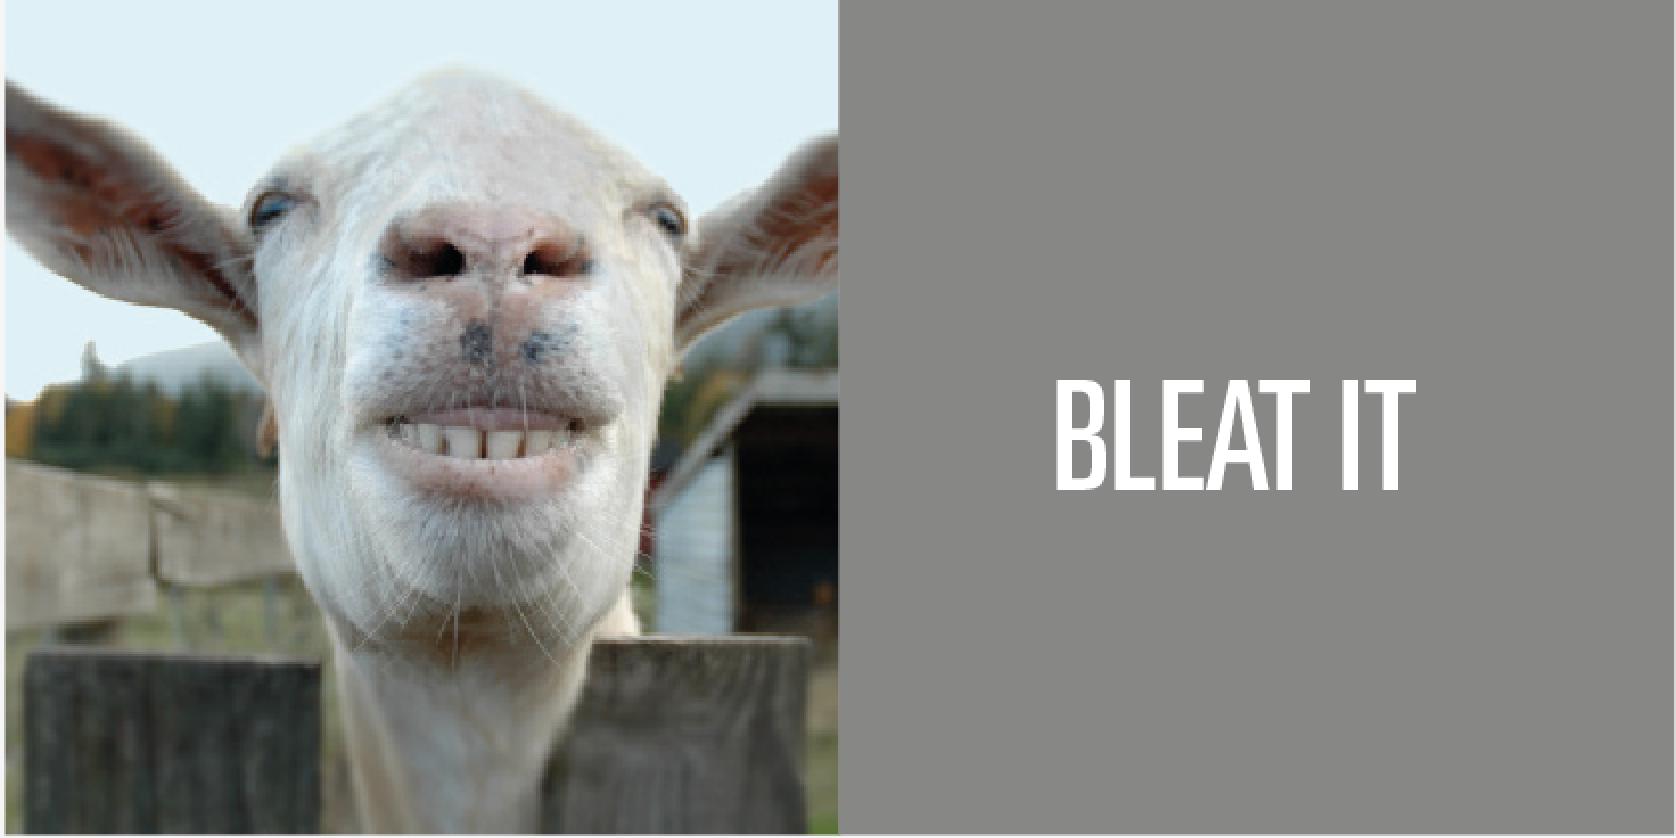 bad goat jokes sajithansar